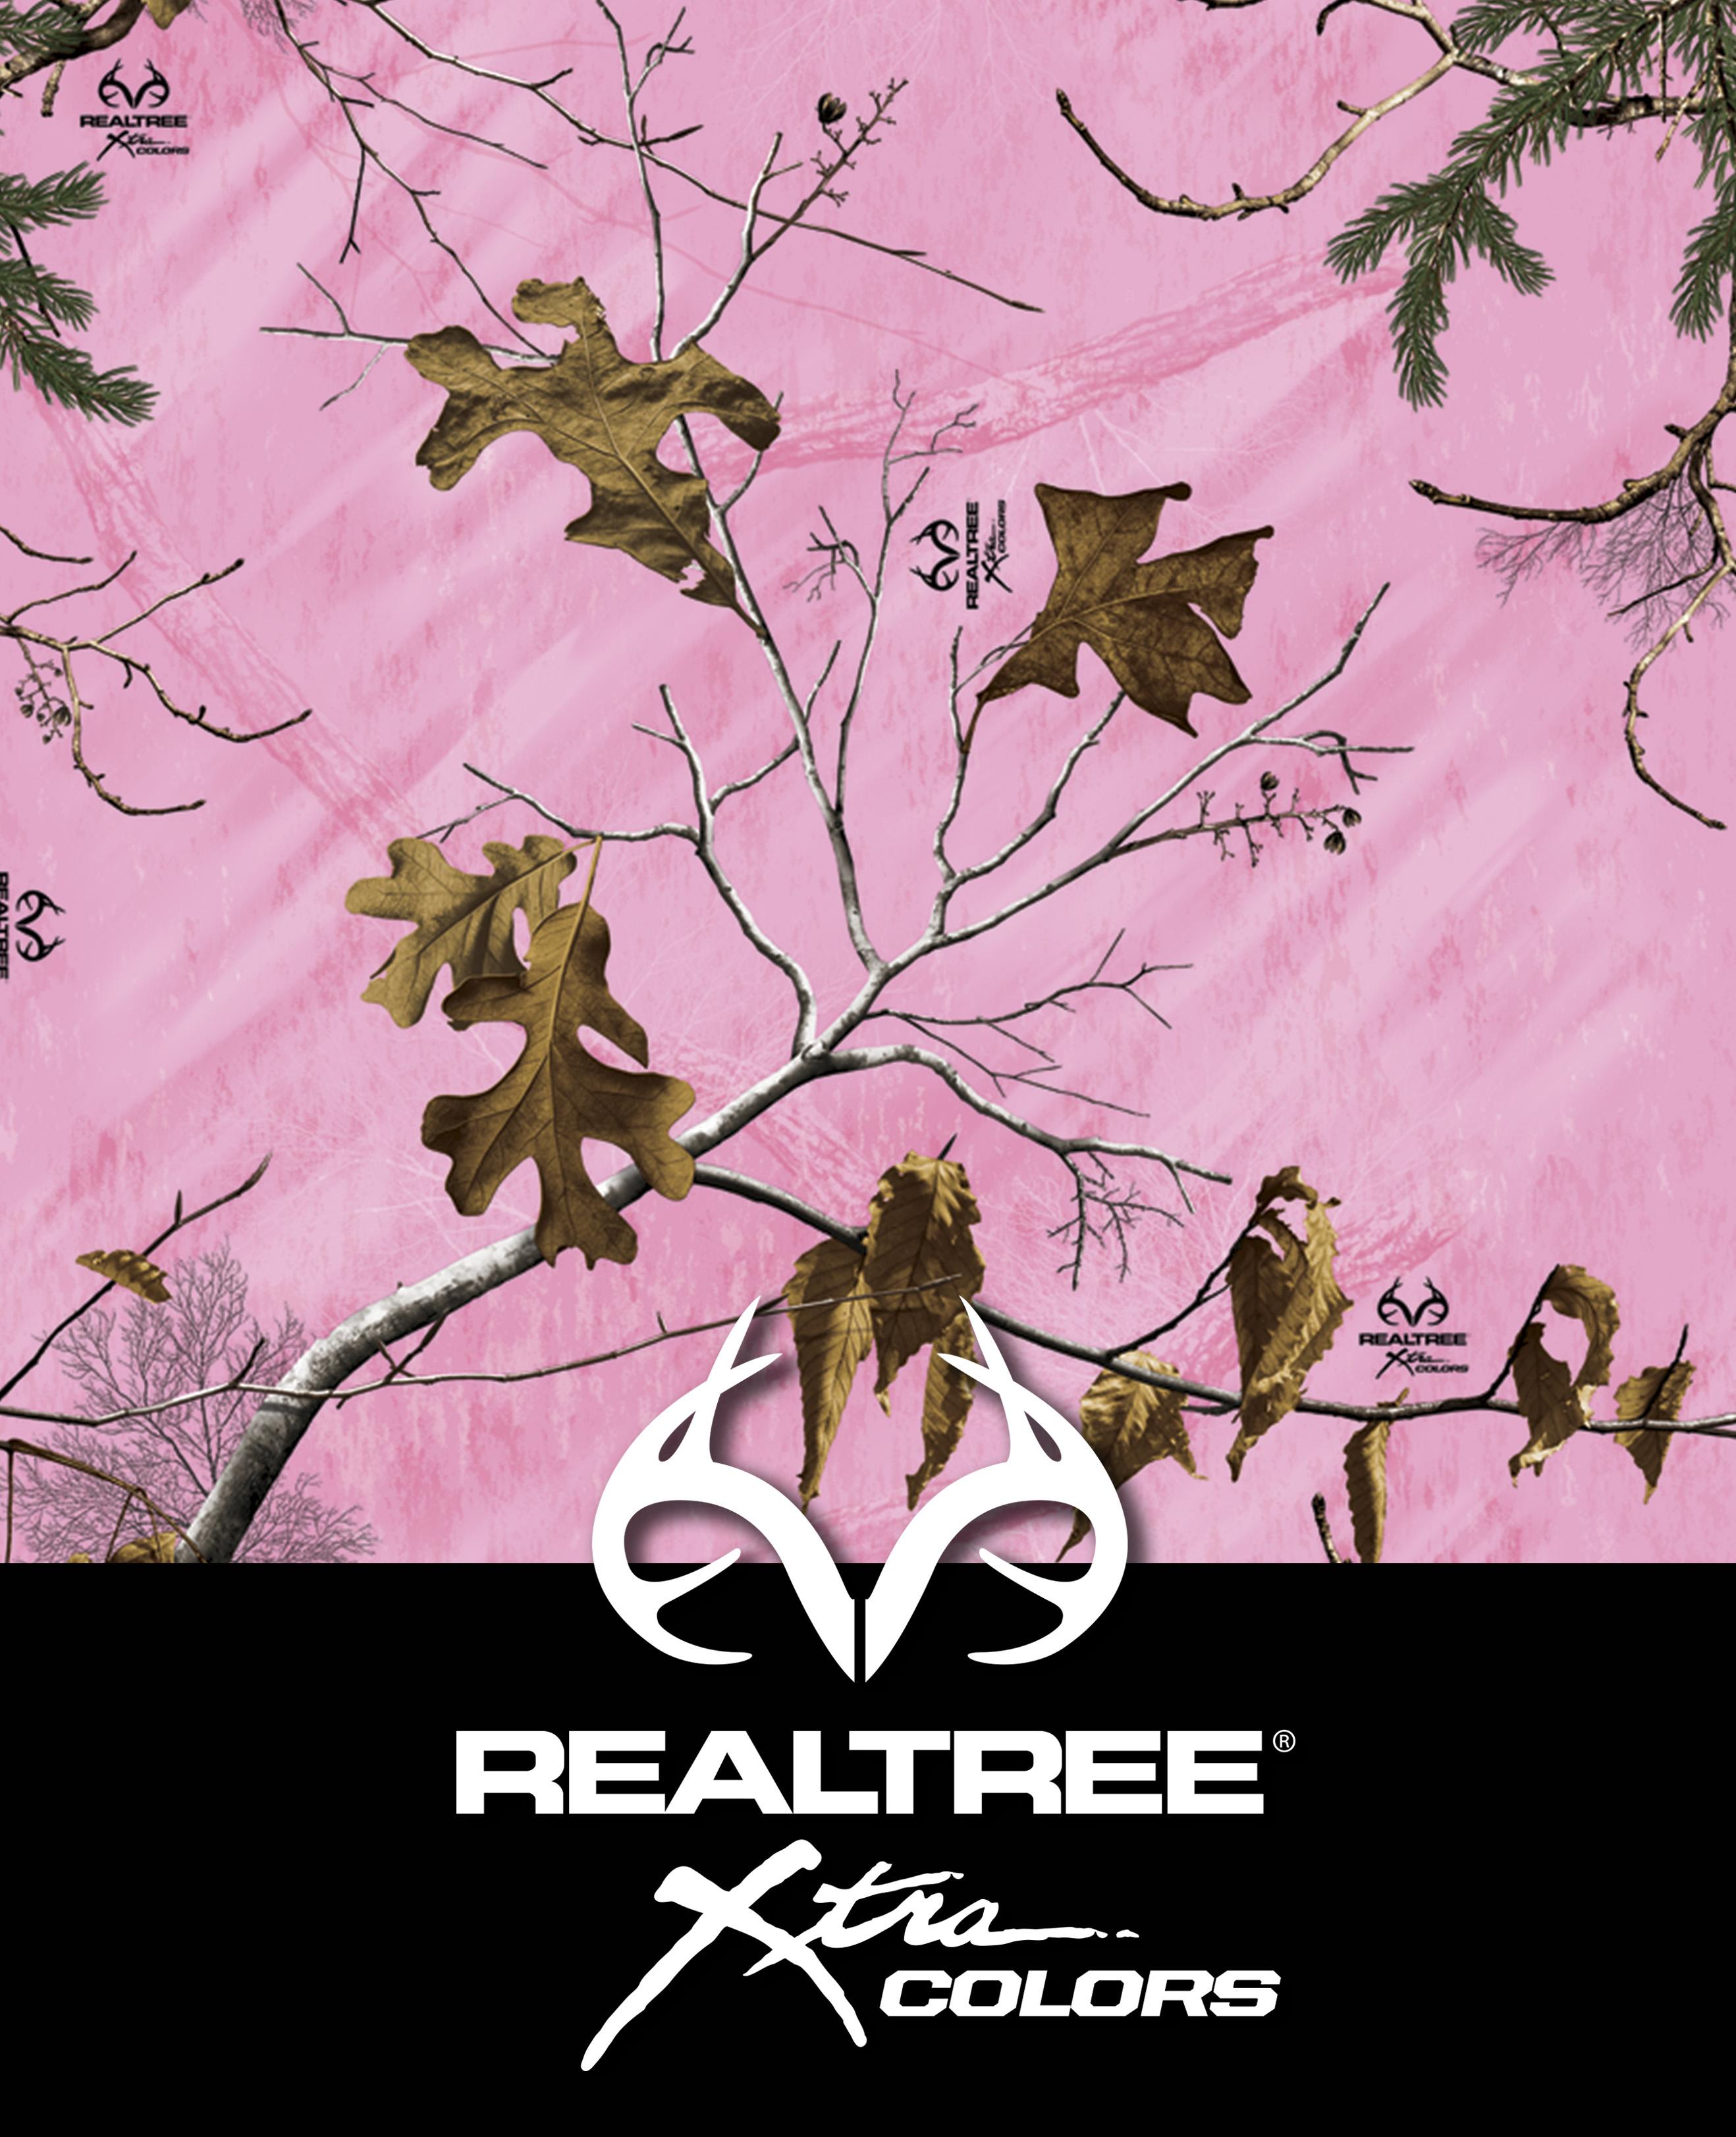 Realtree Xtra Pink Camo